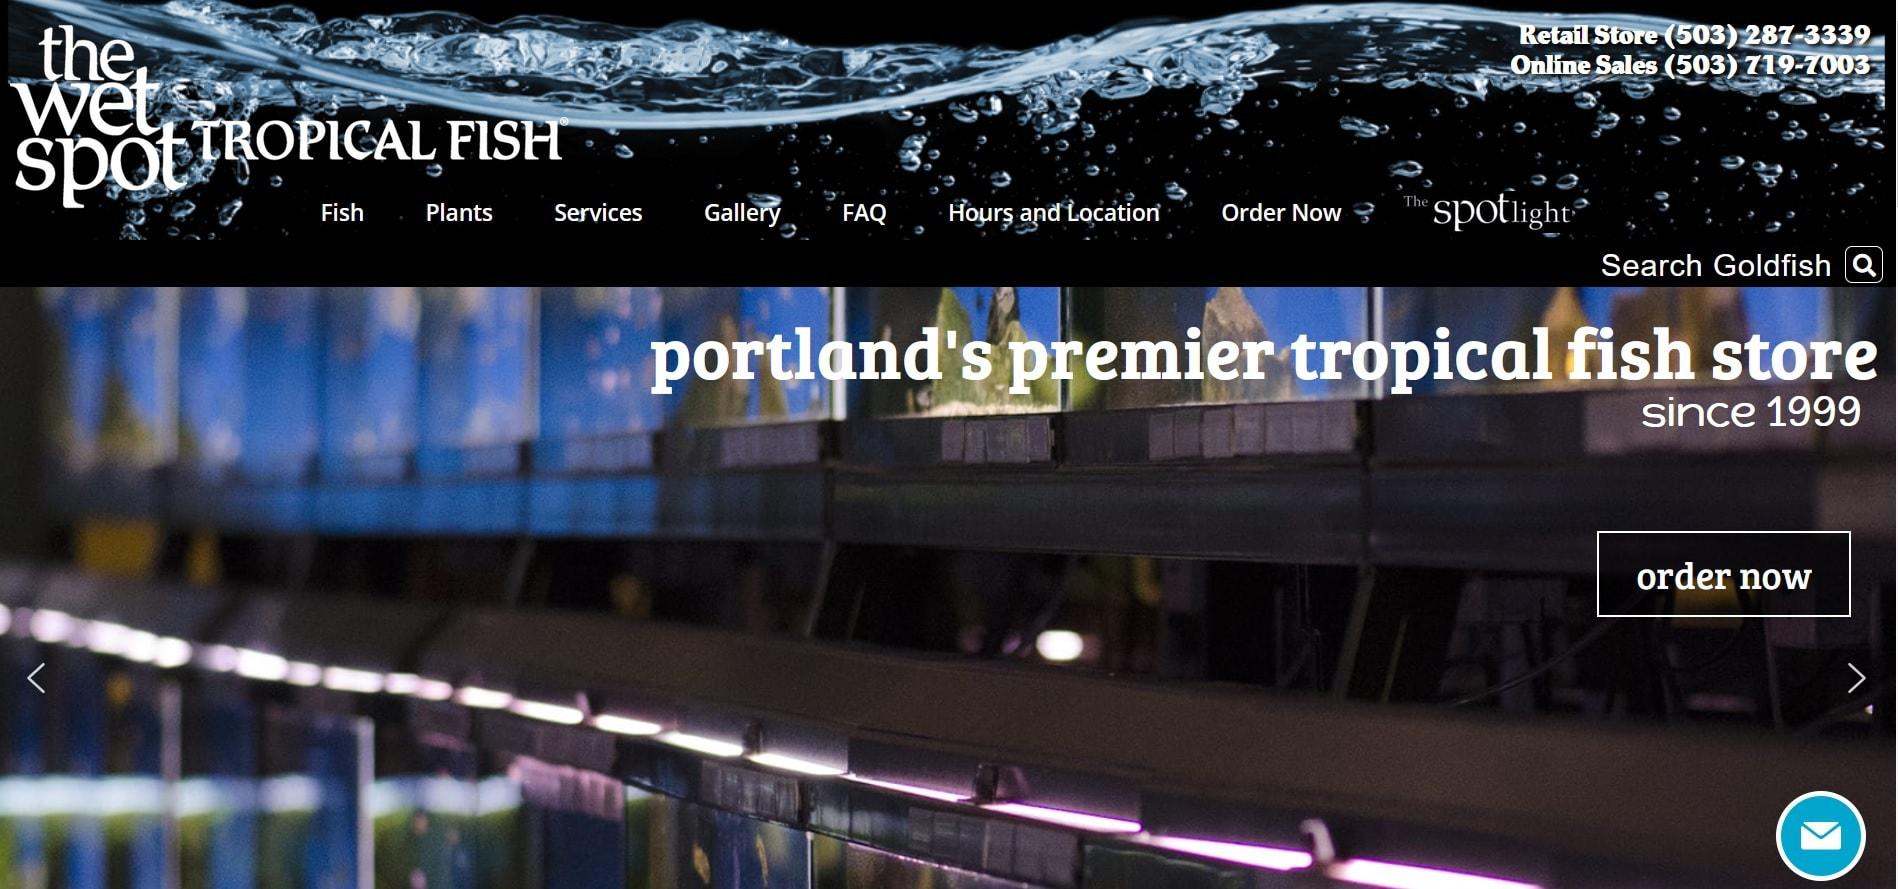 wetstpottropicalfish homepage